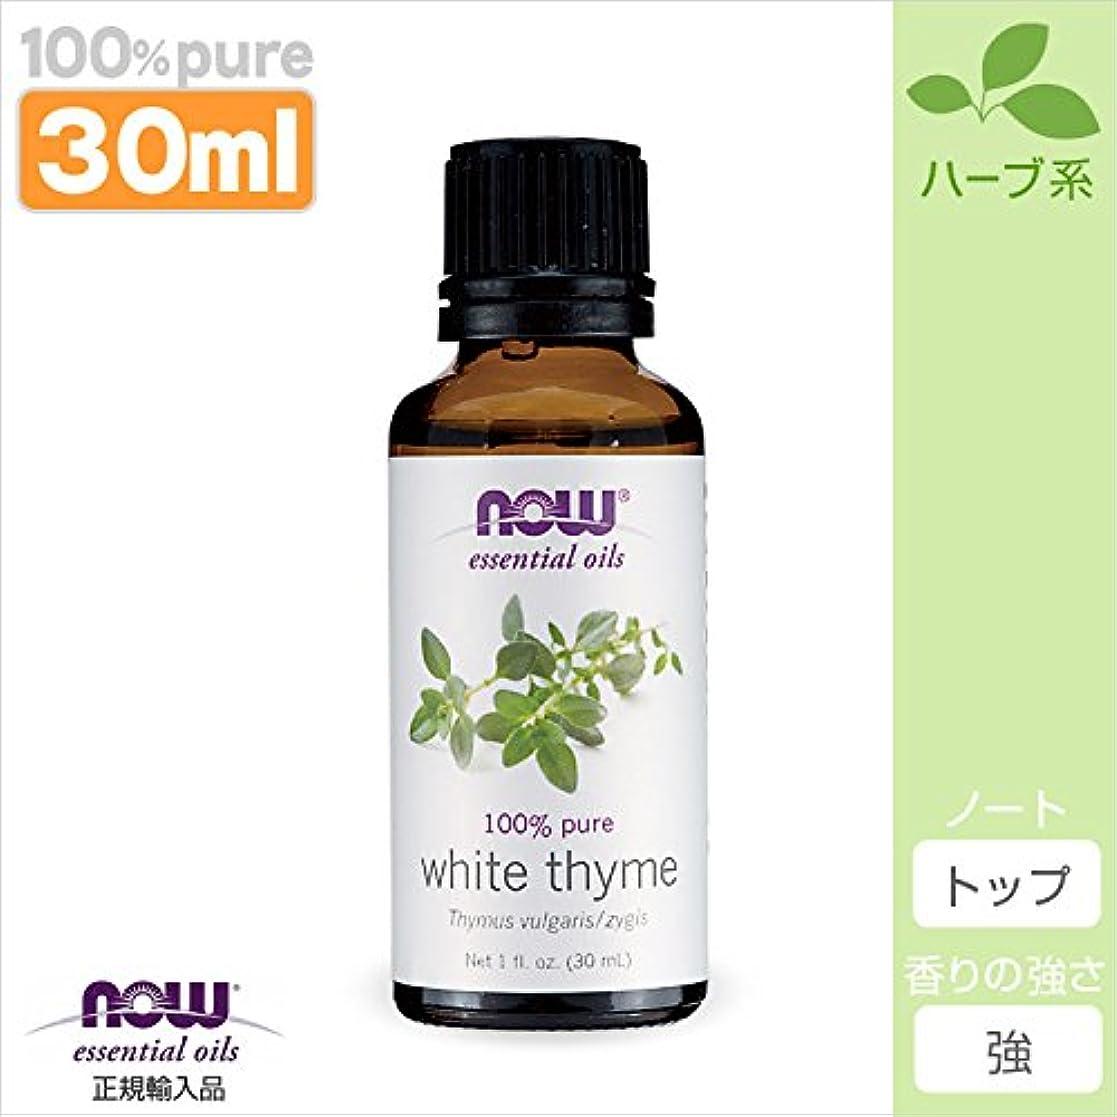 時期尚早桃感謝しているタイム ホワイト 精油[30ml] 【正規輸入品】 NOWエッセンシャルオイル(アロマオイル)